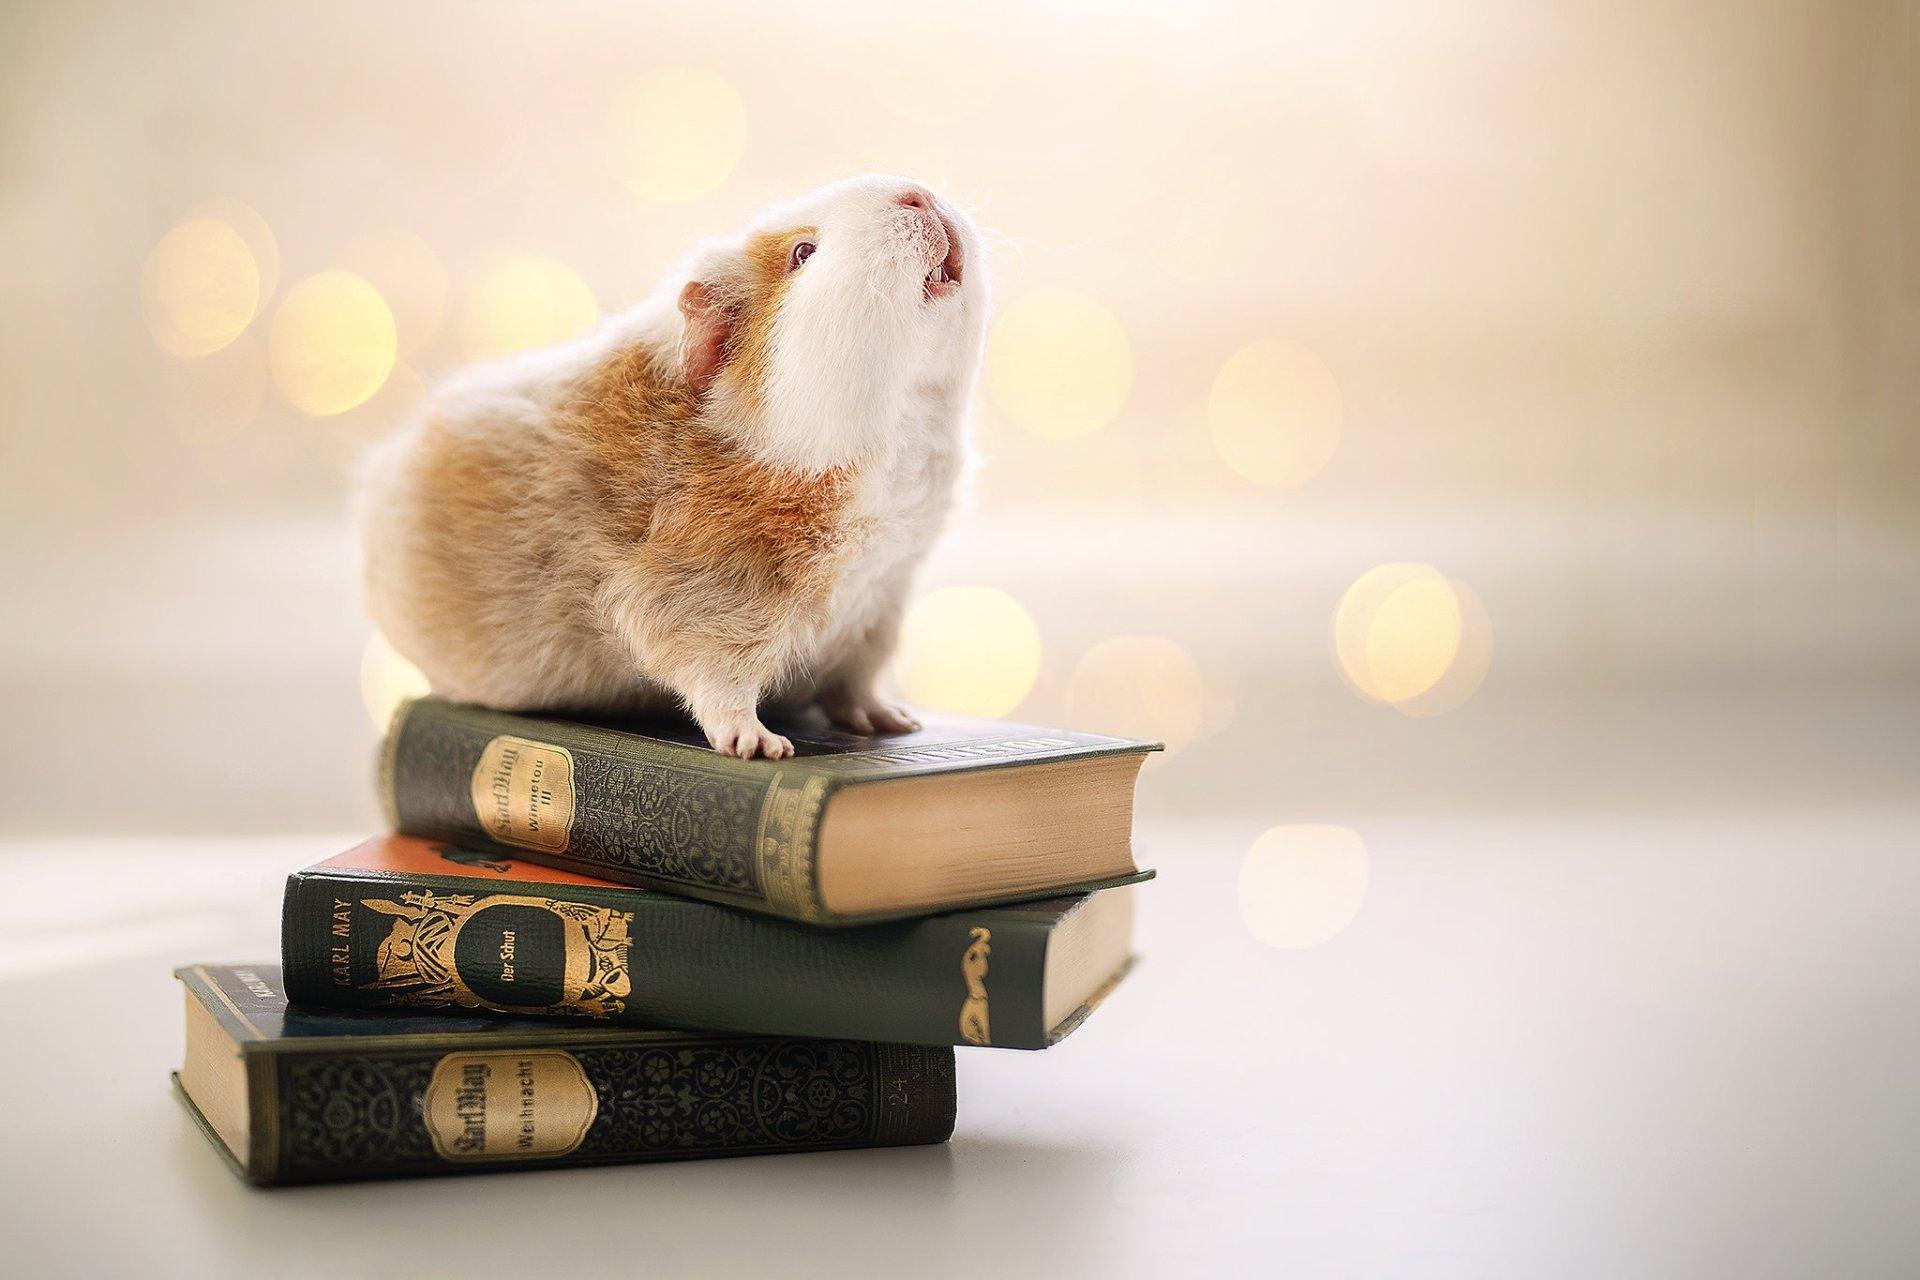 hình nền con chuột Hamster đang yêu cho máy tính số 20